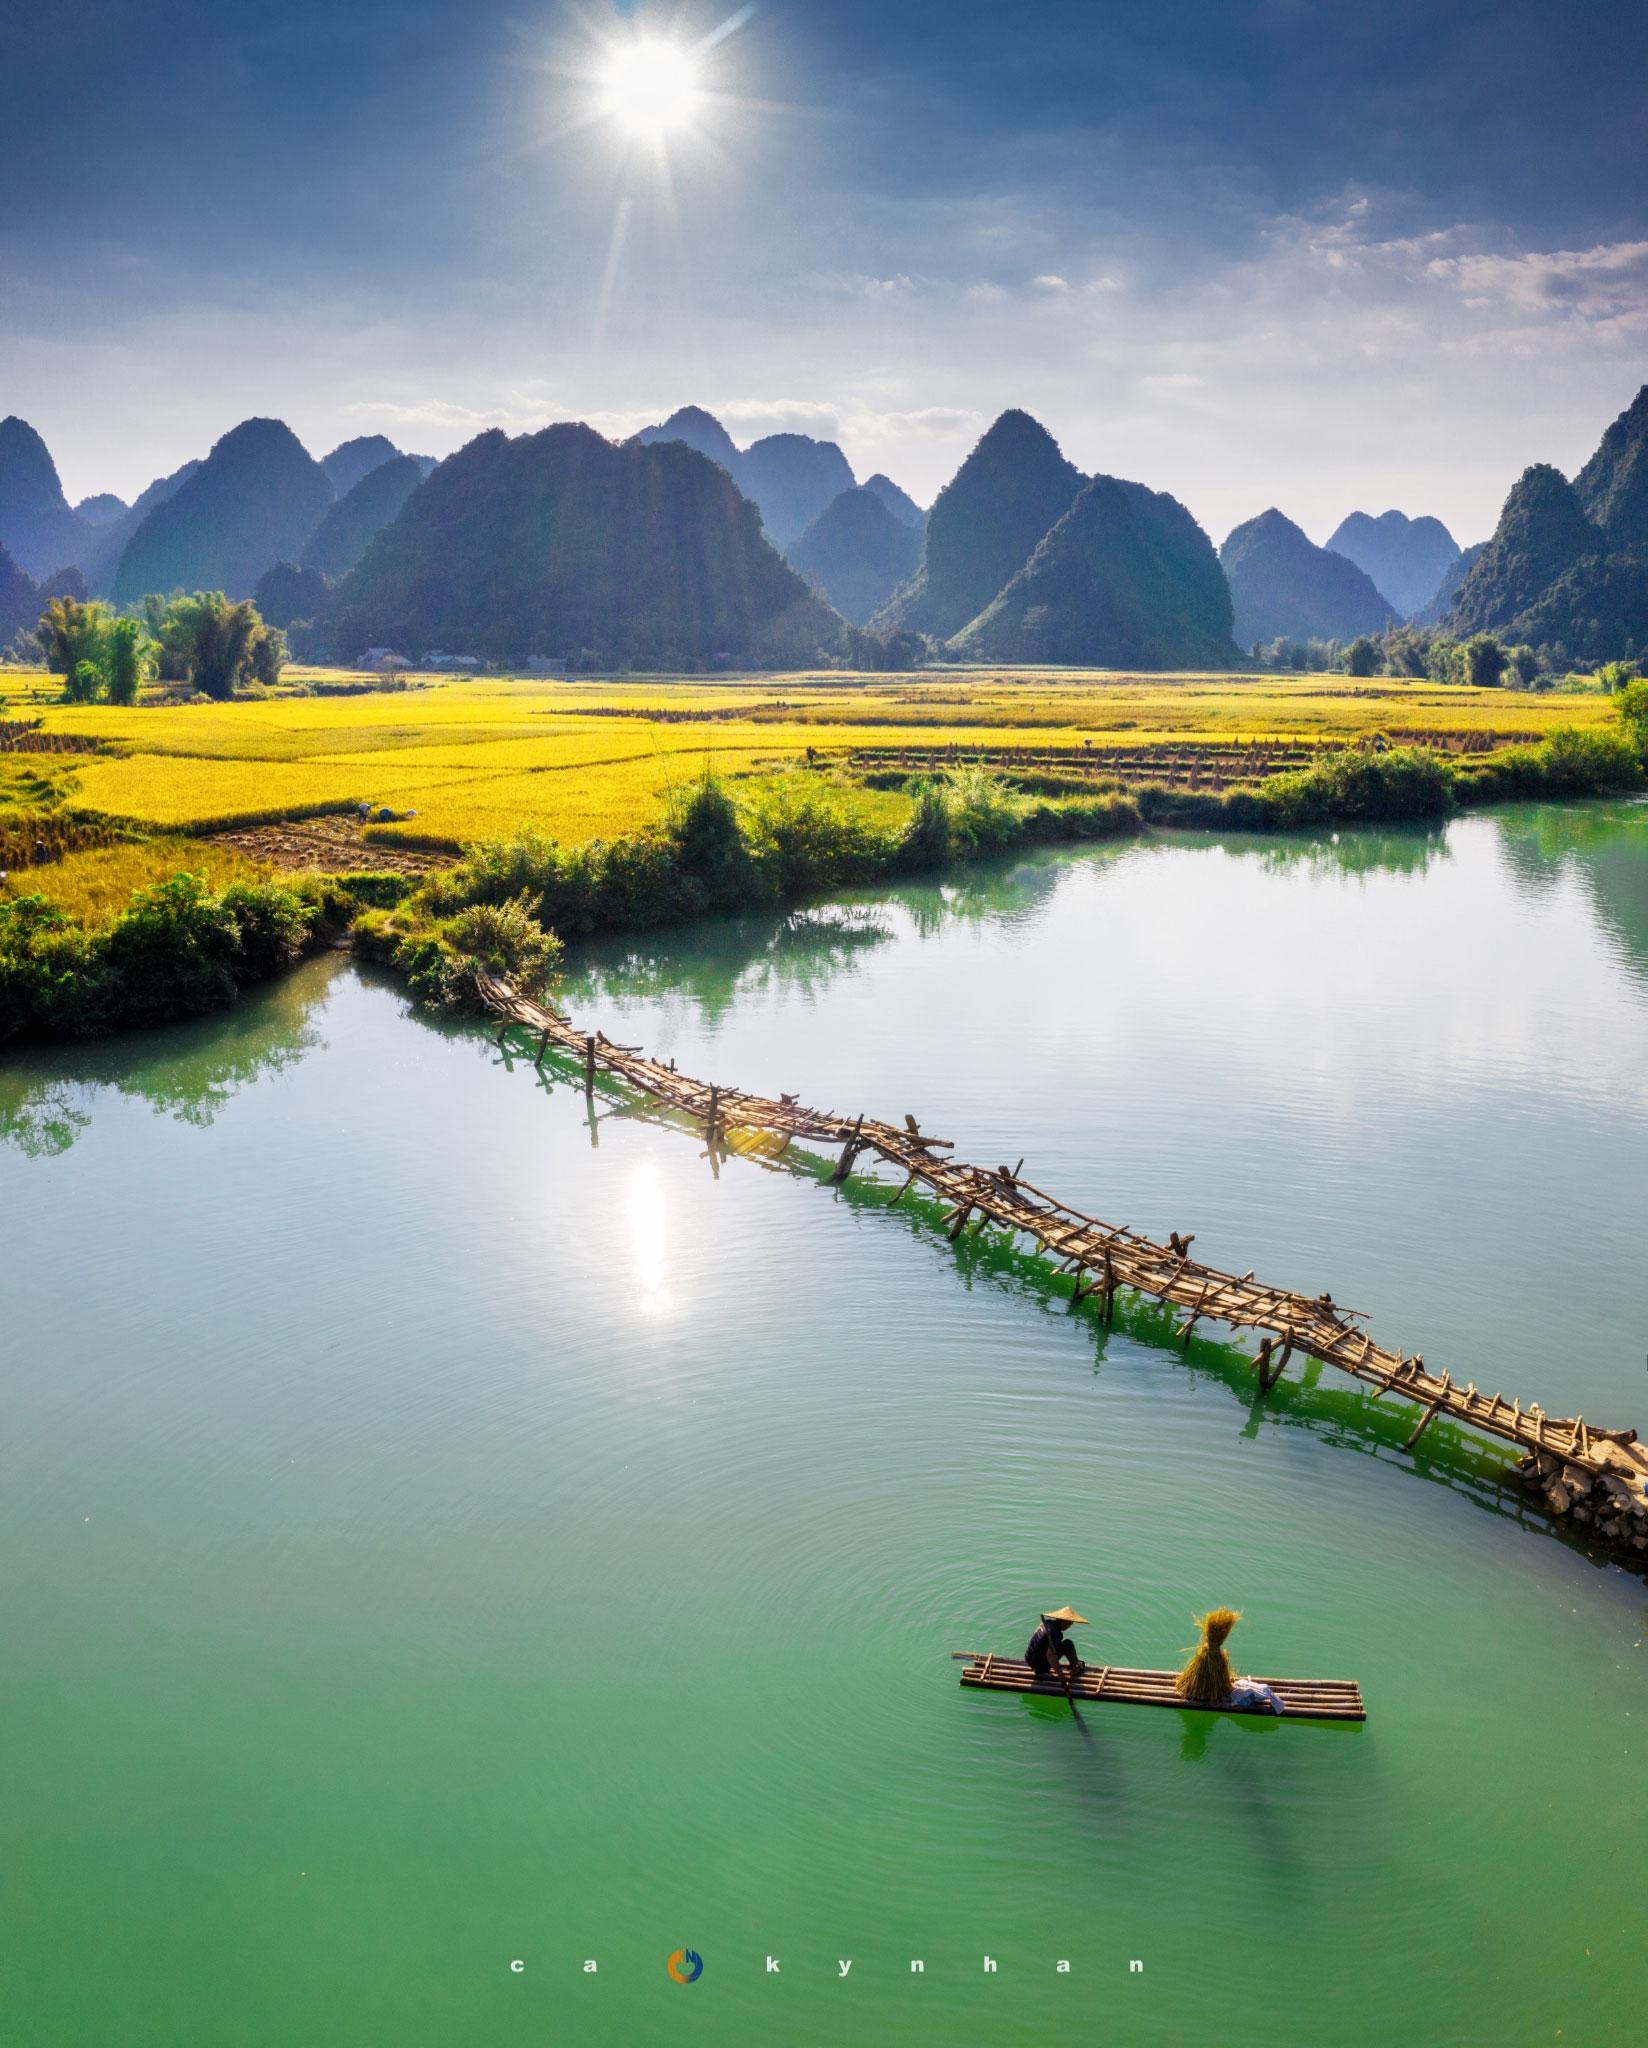 Việt Nam đẹp 'mê hồn' qua ống kính của chàng trai 8x - 2